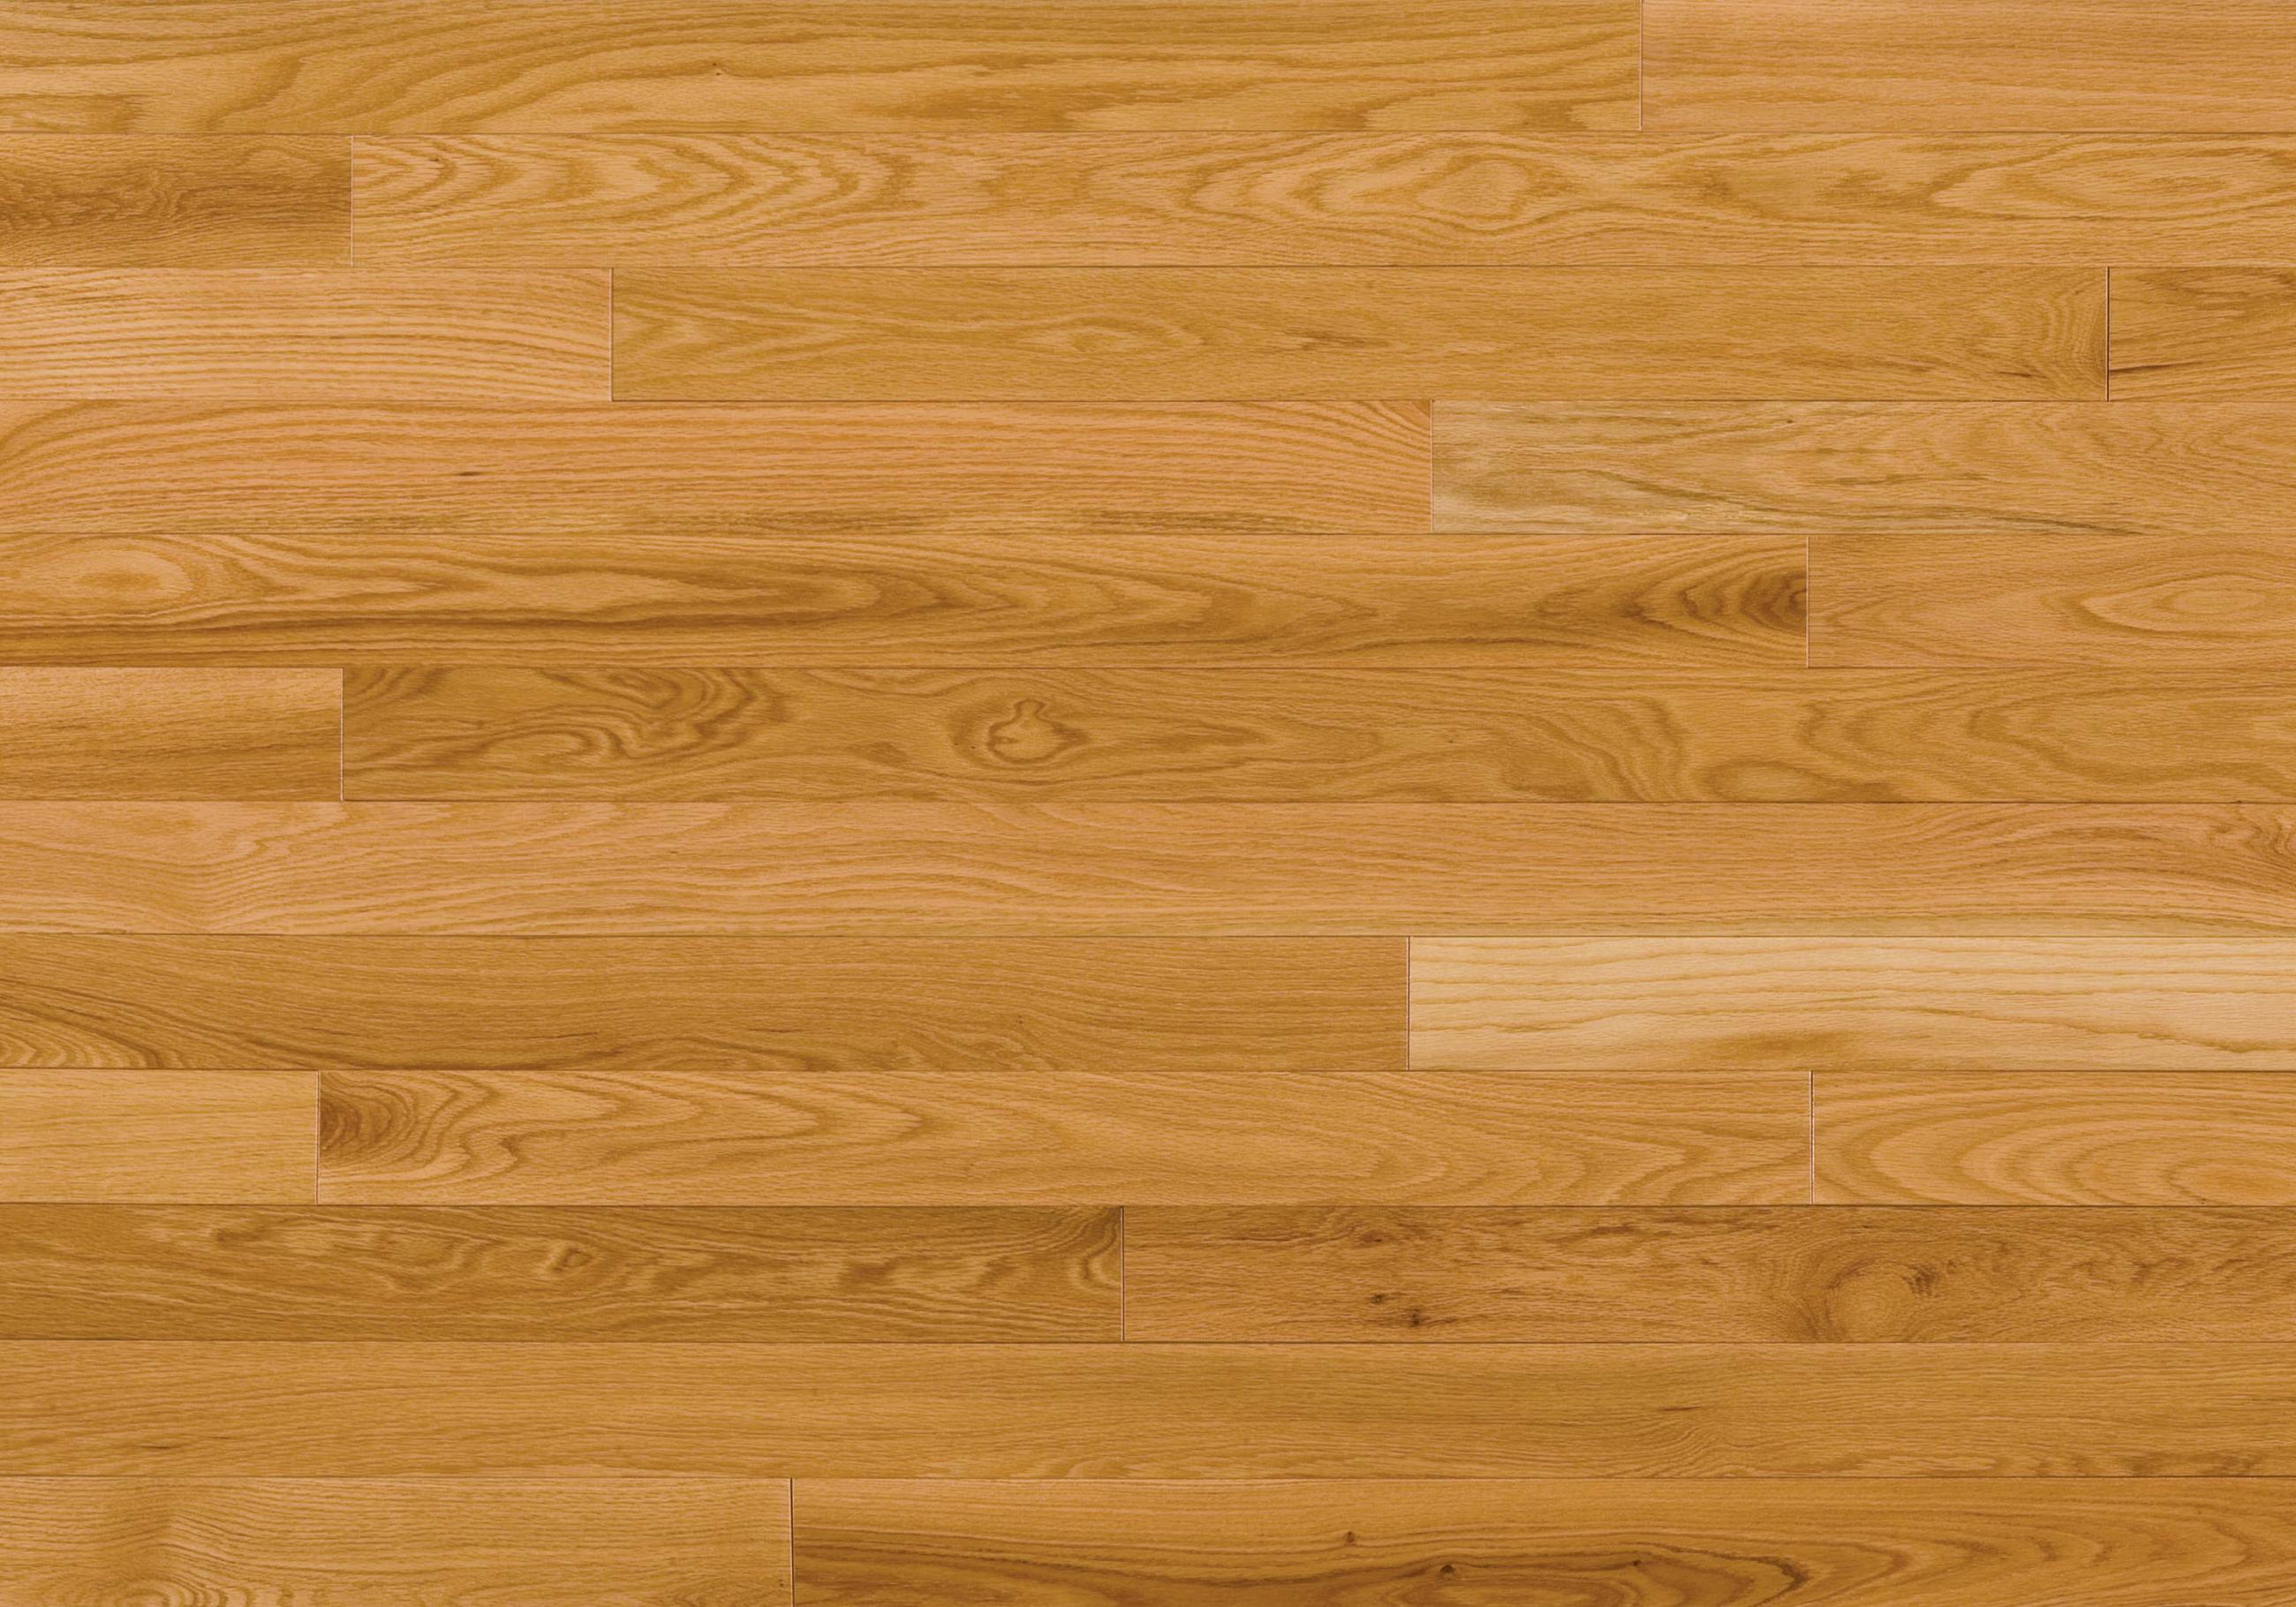 sàn gỗ giá rẻ Hà Nội ở sàn gỗ Nguyễn Kim 84